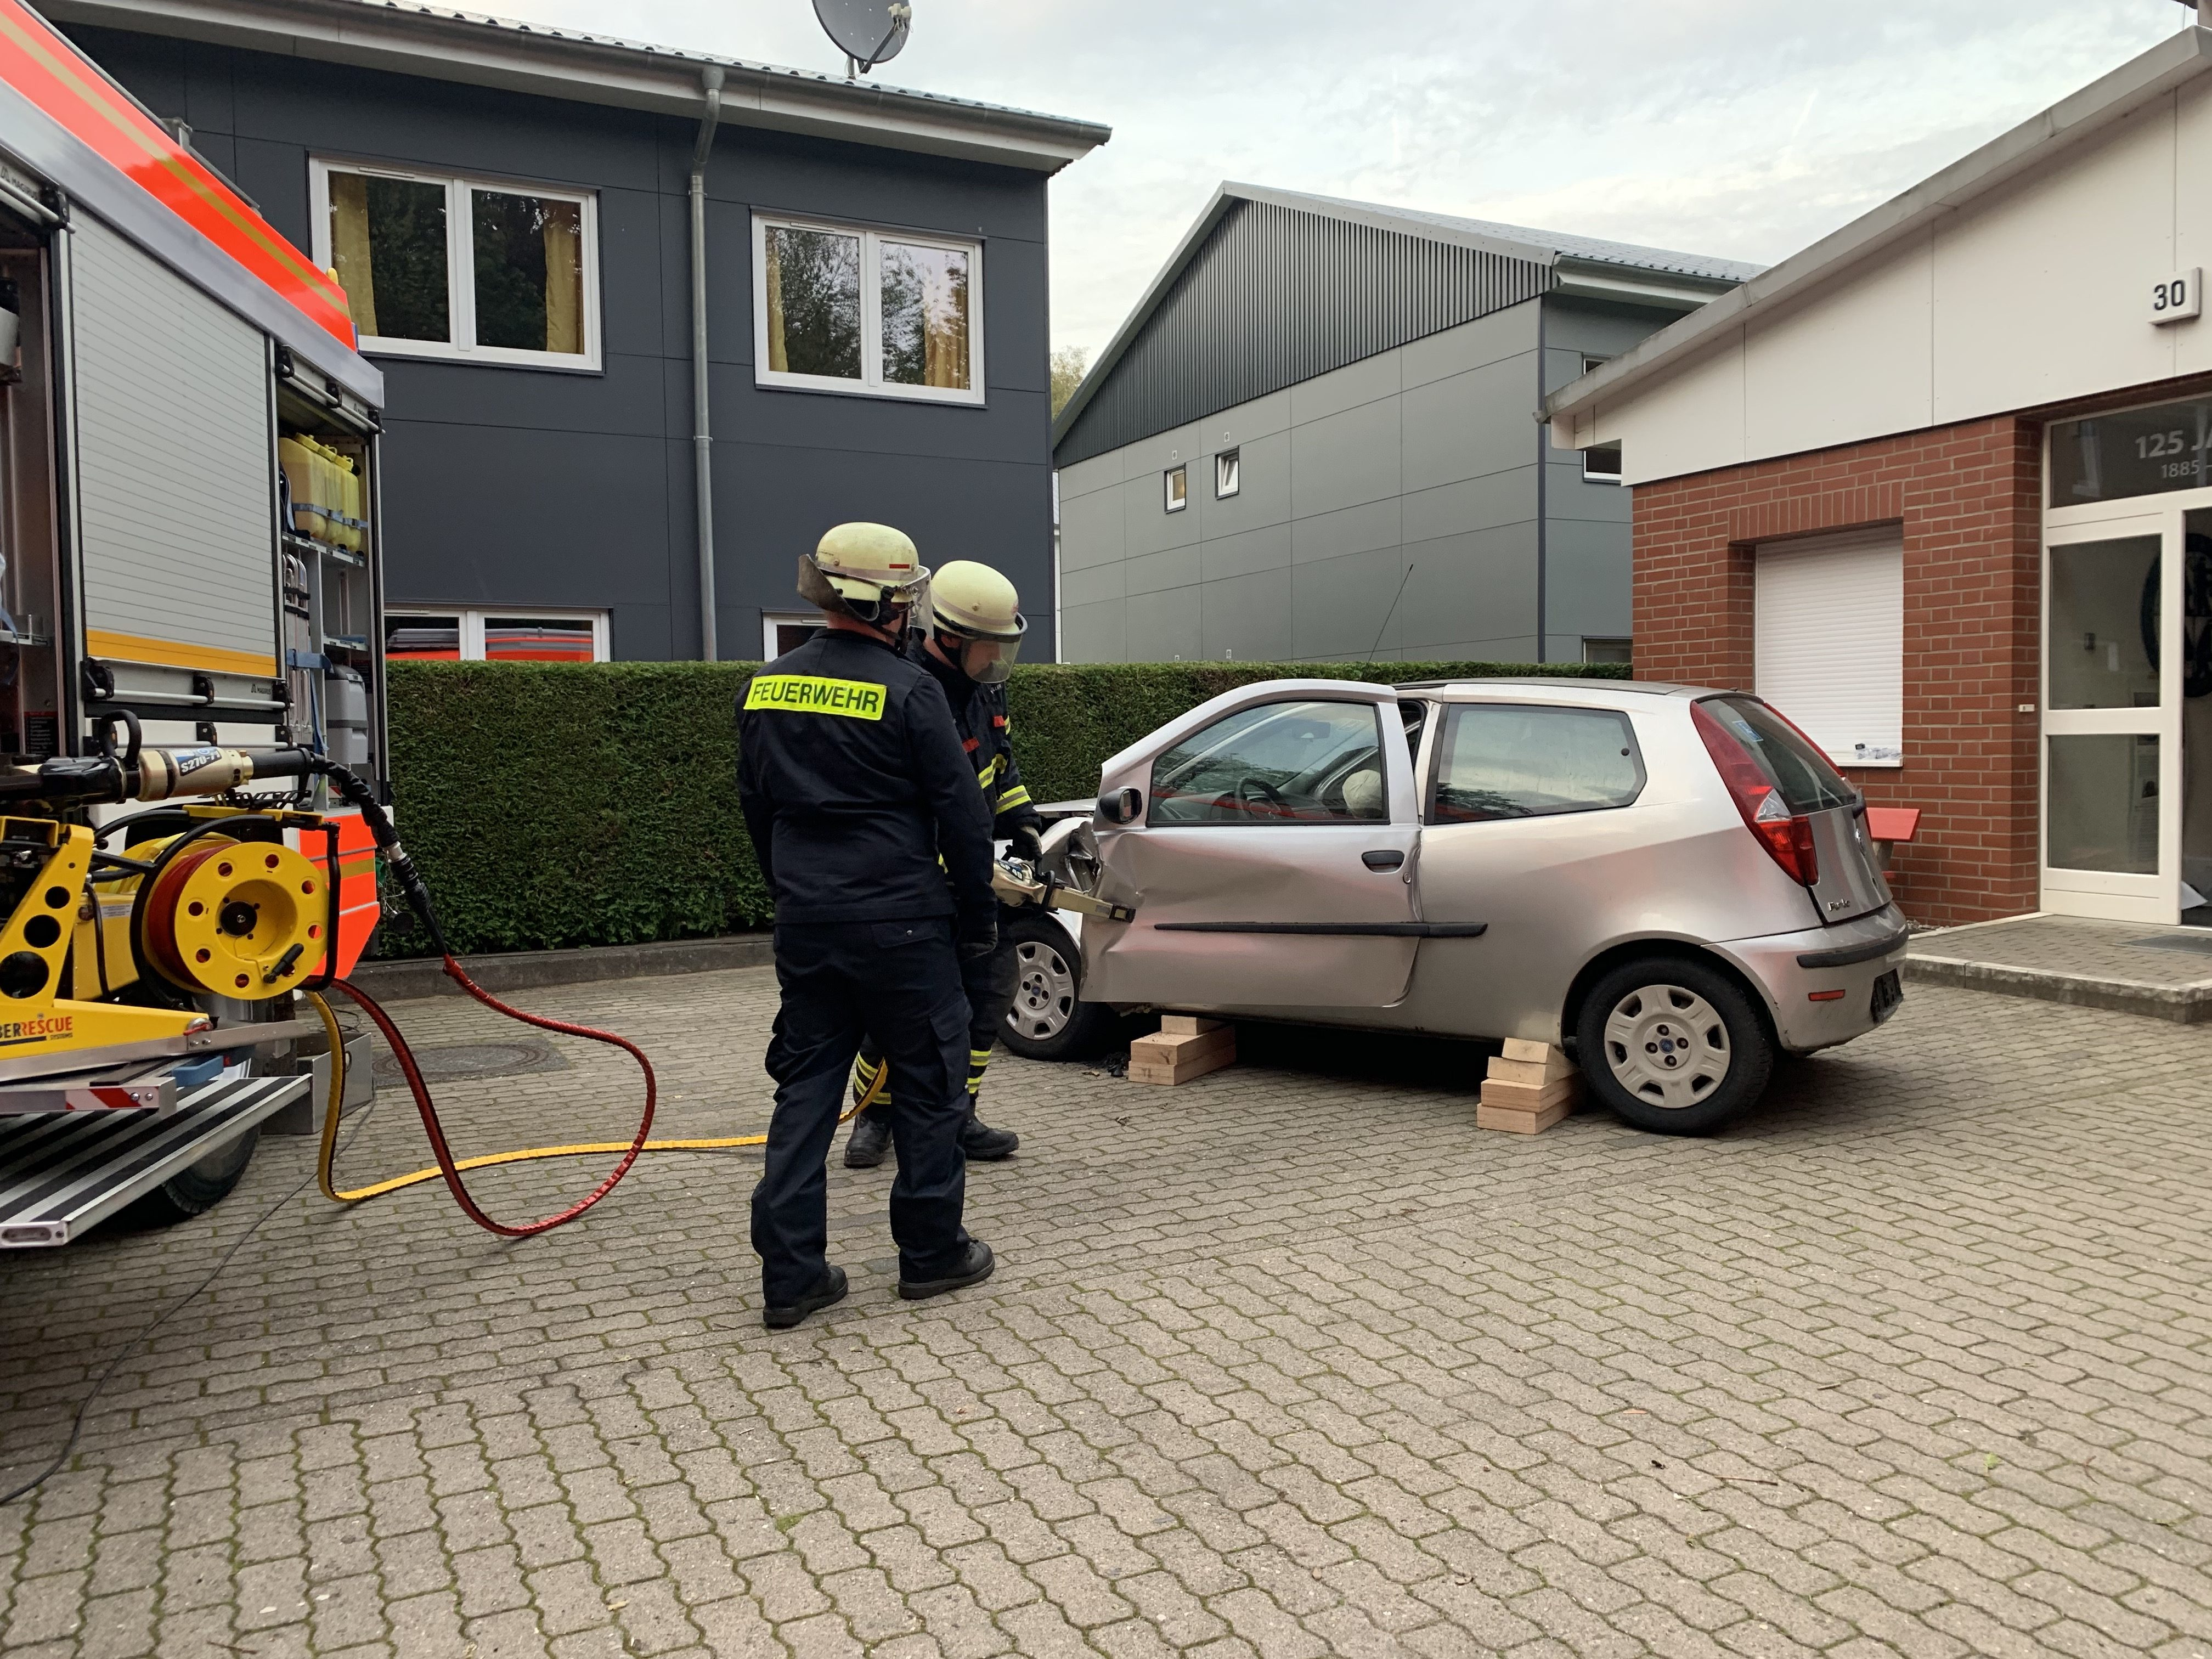 Die Fahrertür lässt sich nicht öffnen und muss entfernt werden